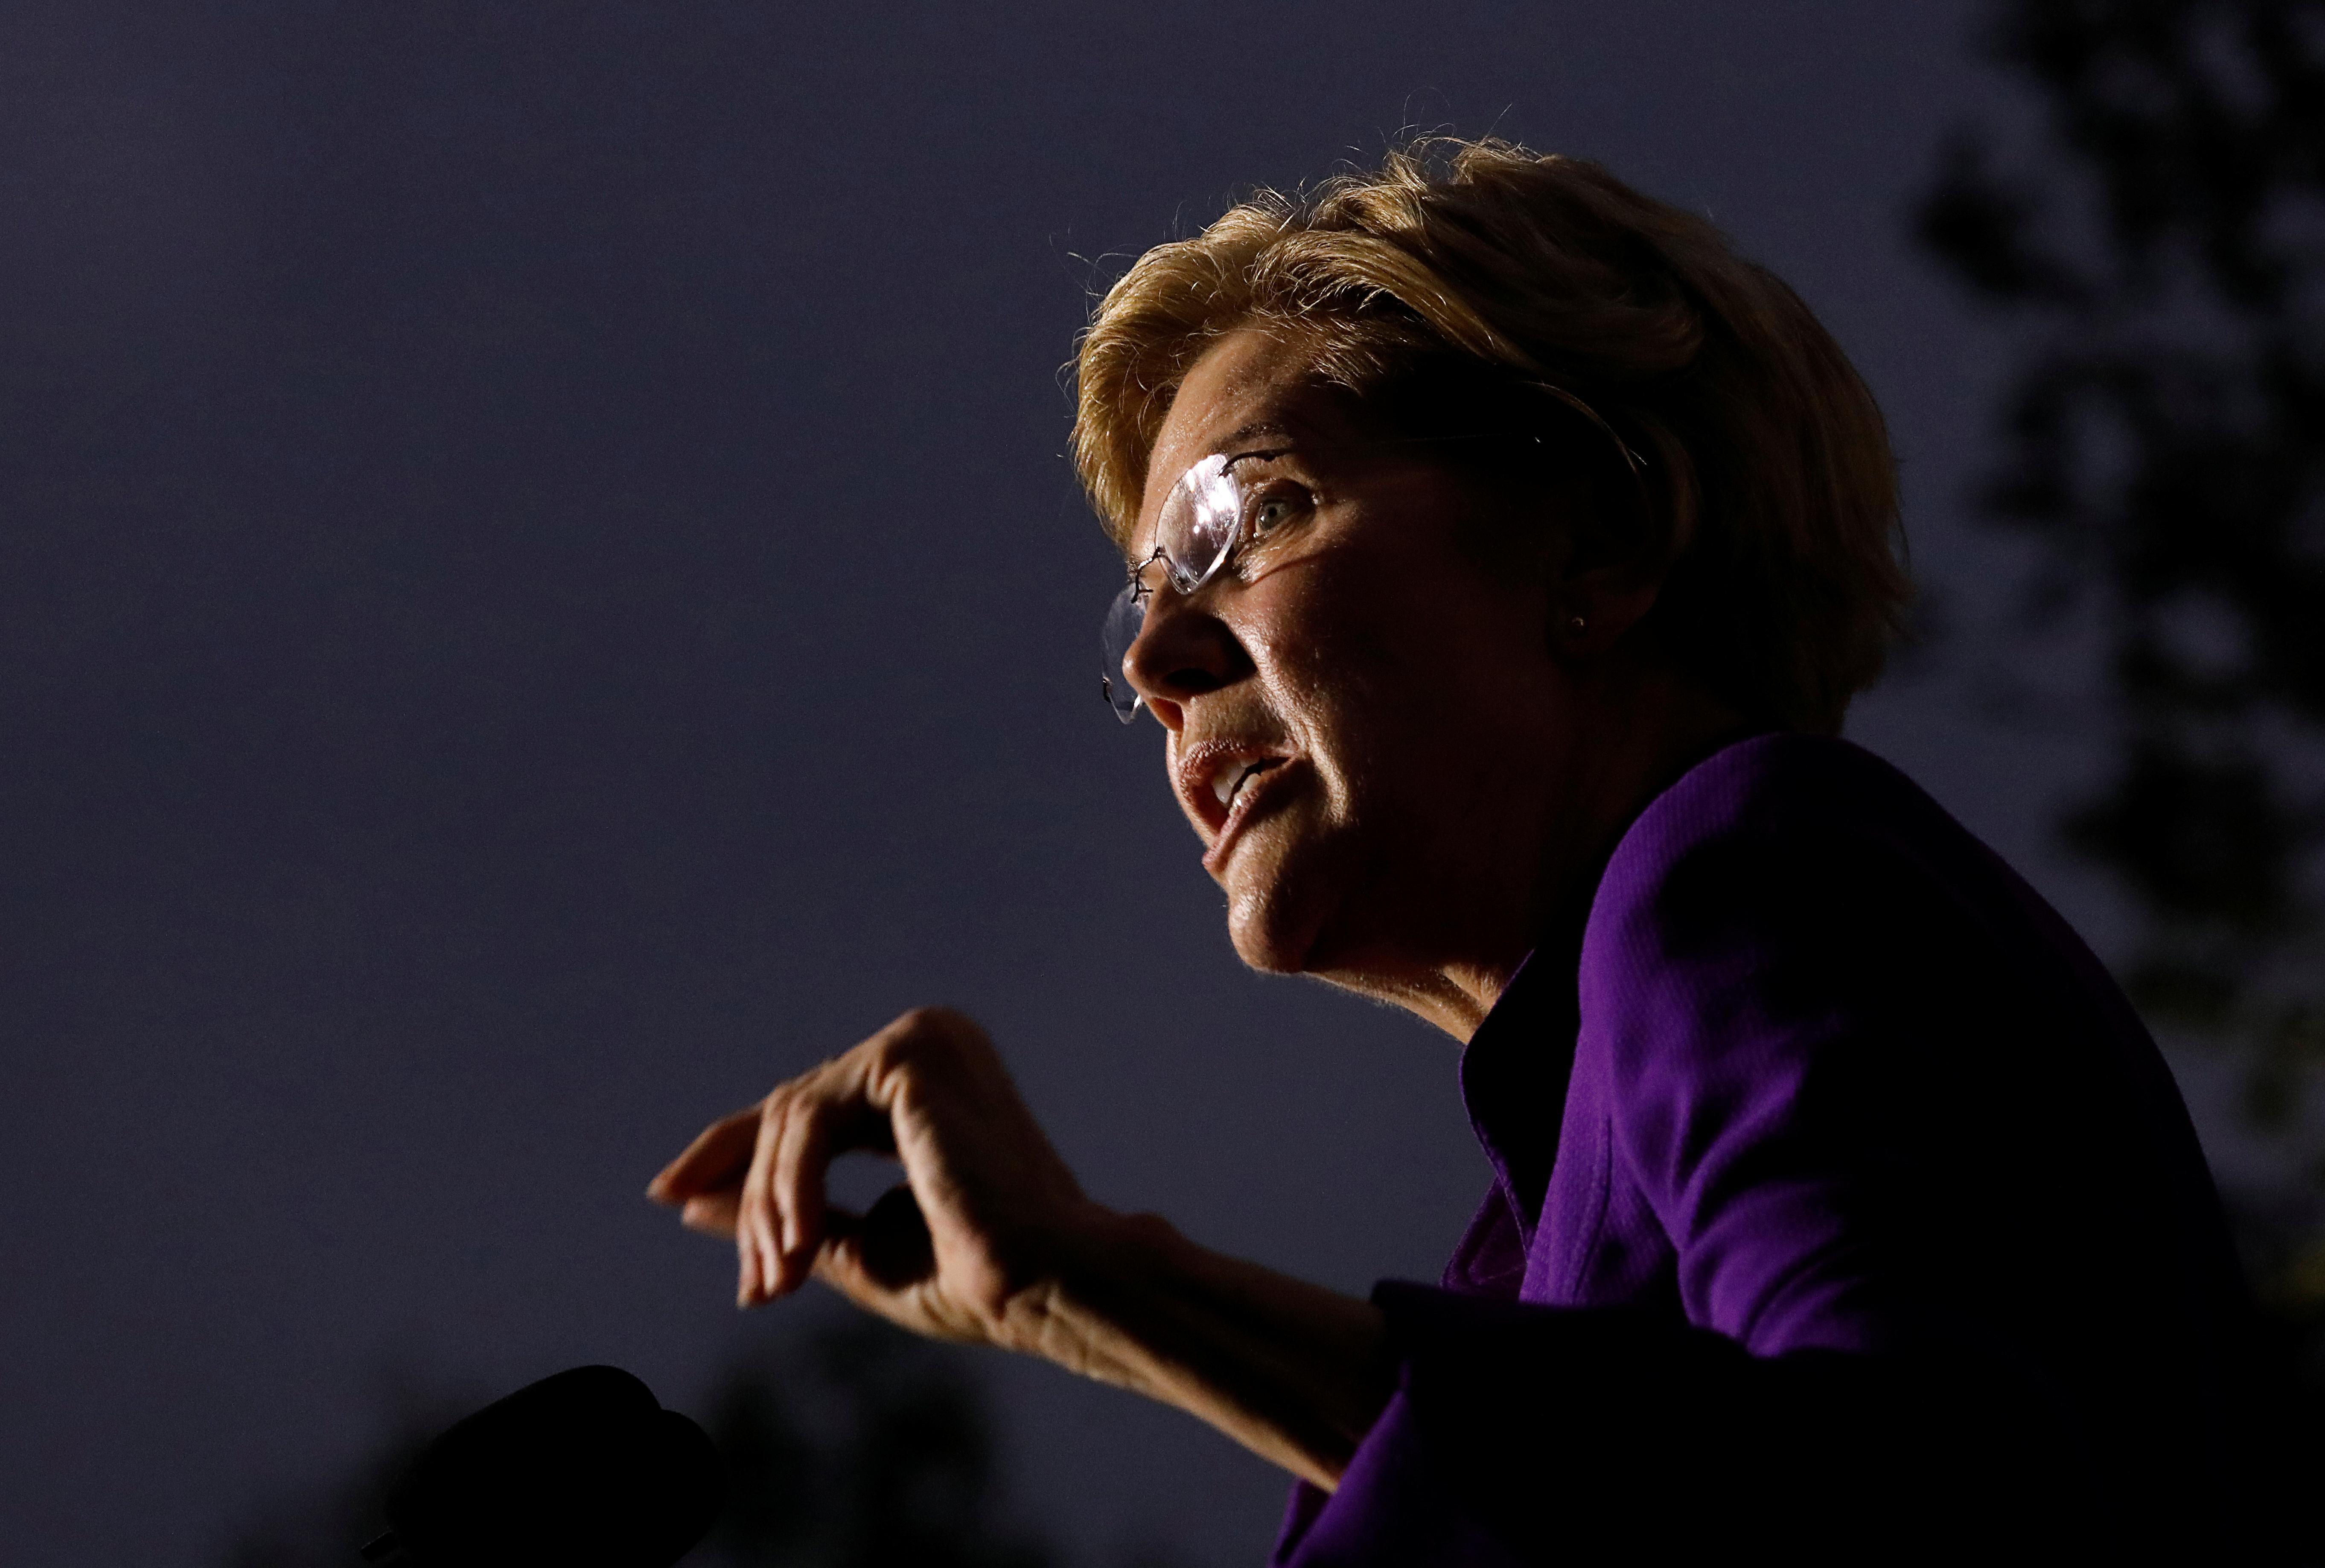 Lutte contre la corruption, l'espoir de la Maison Blanche démocrate, Warren, rassemble des milliers de personnes à New York